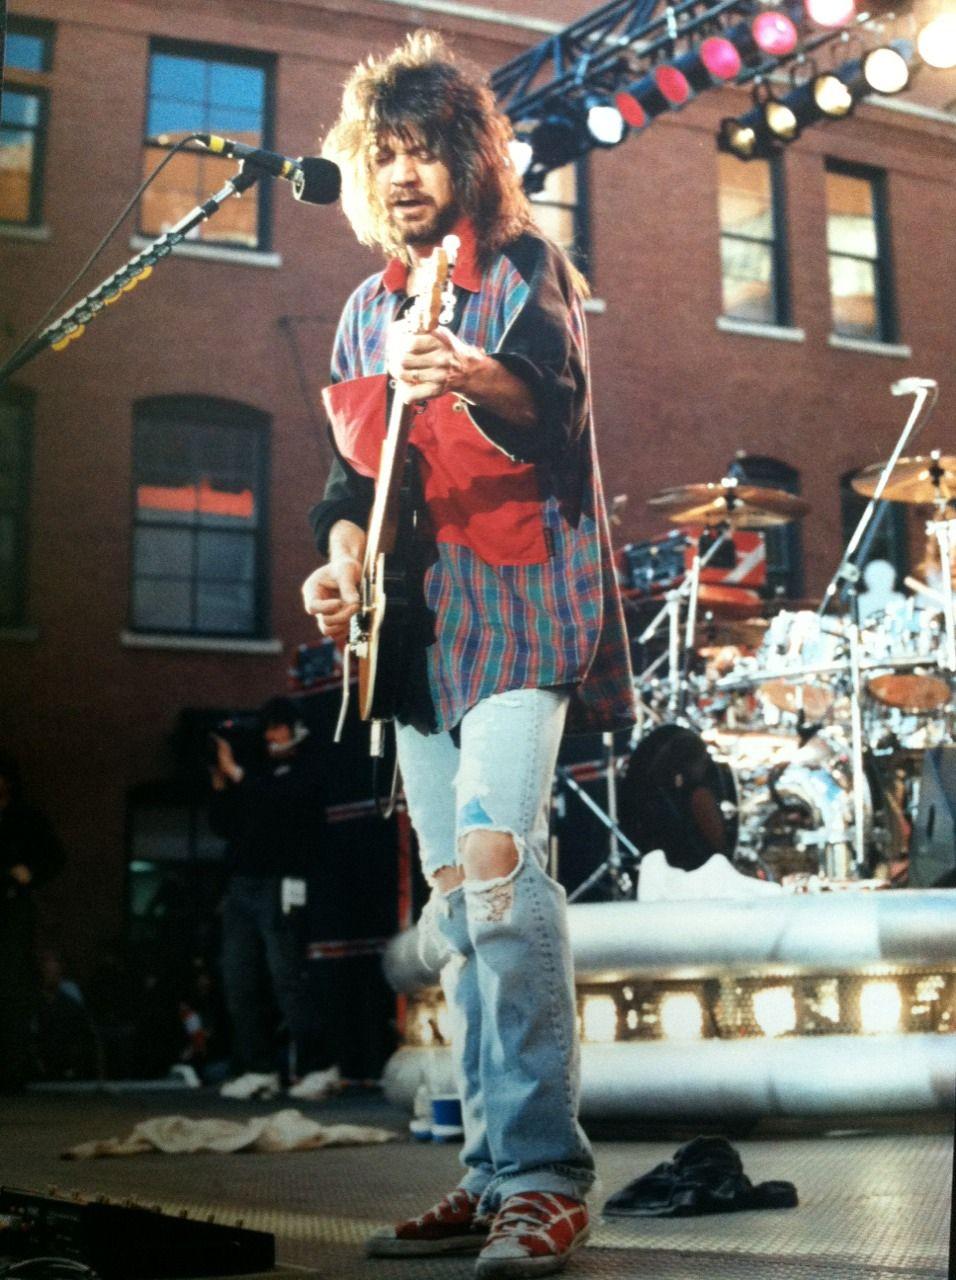 Eddie Van Halen 1991 Dallas Tx Free Outdoor Show Van Halen Eddie Van Halen Music Pictures